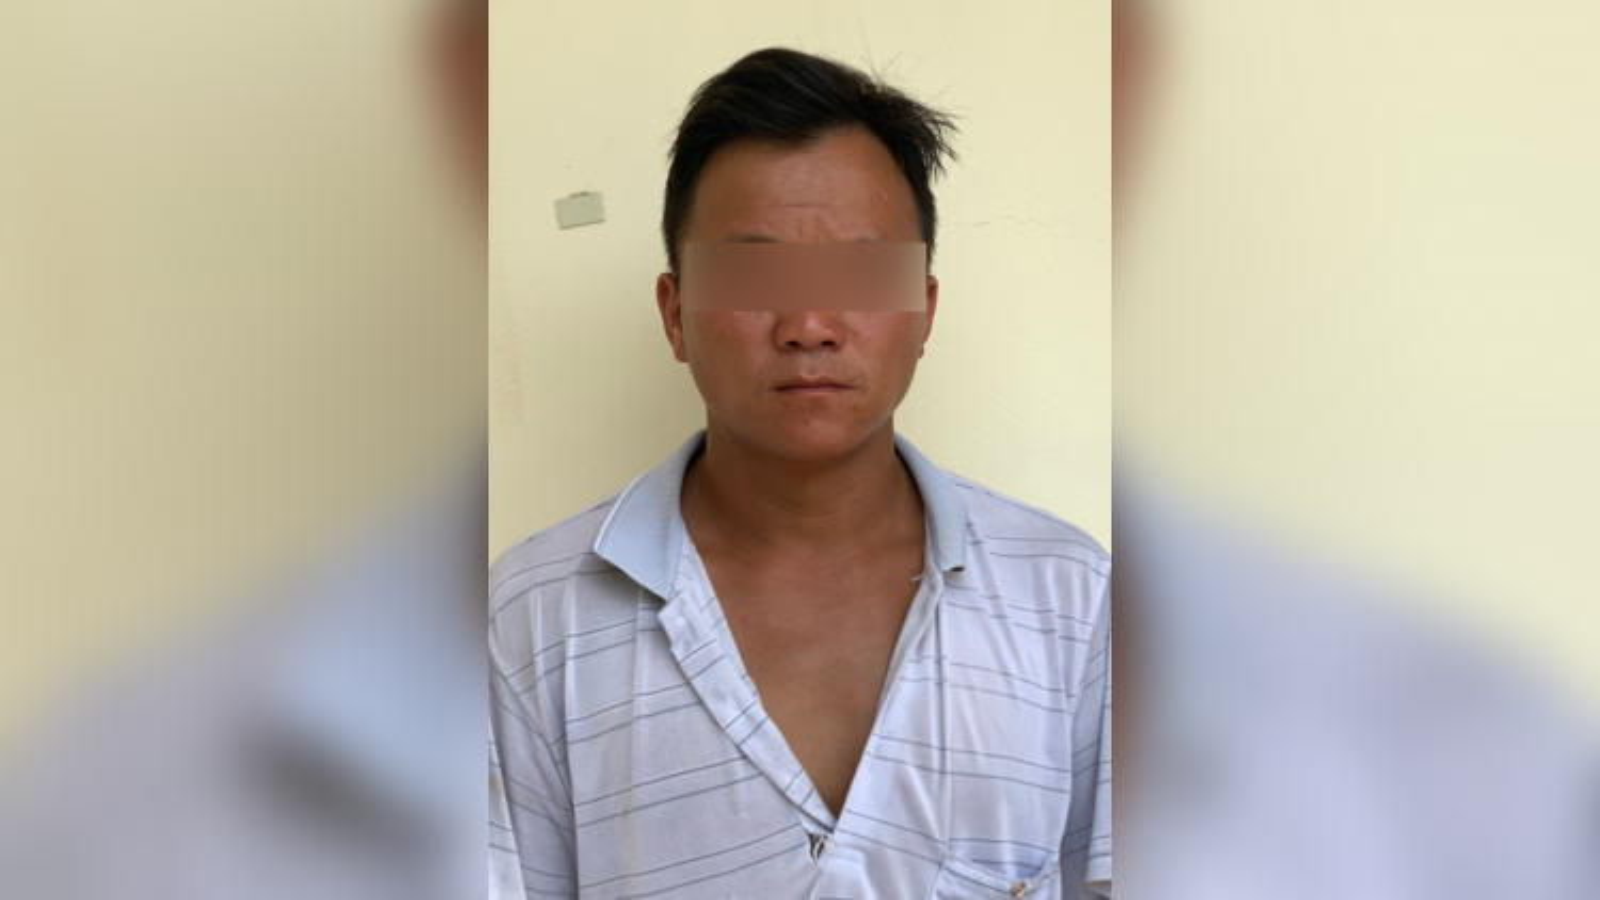 Khởi tố đối tượng đưa người vượt biên trái phép tại Hà Giang